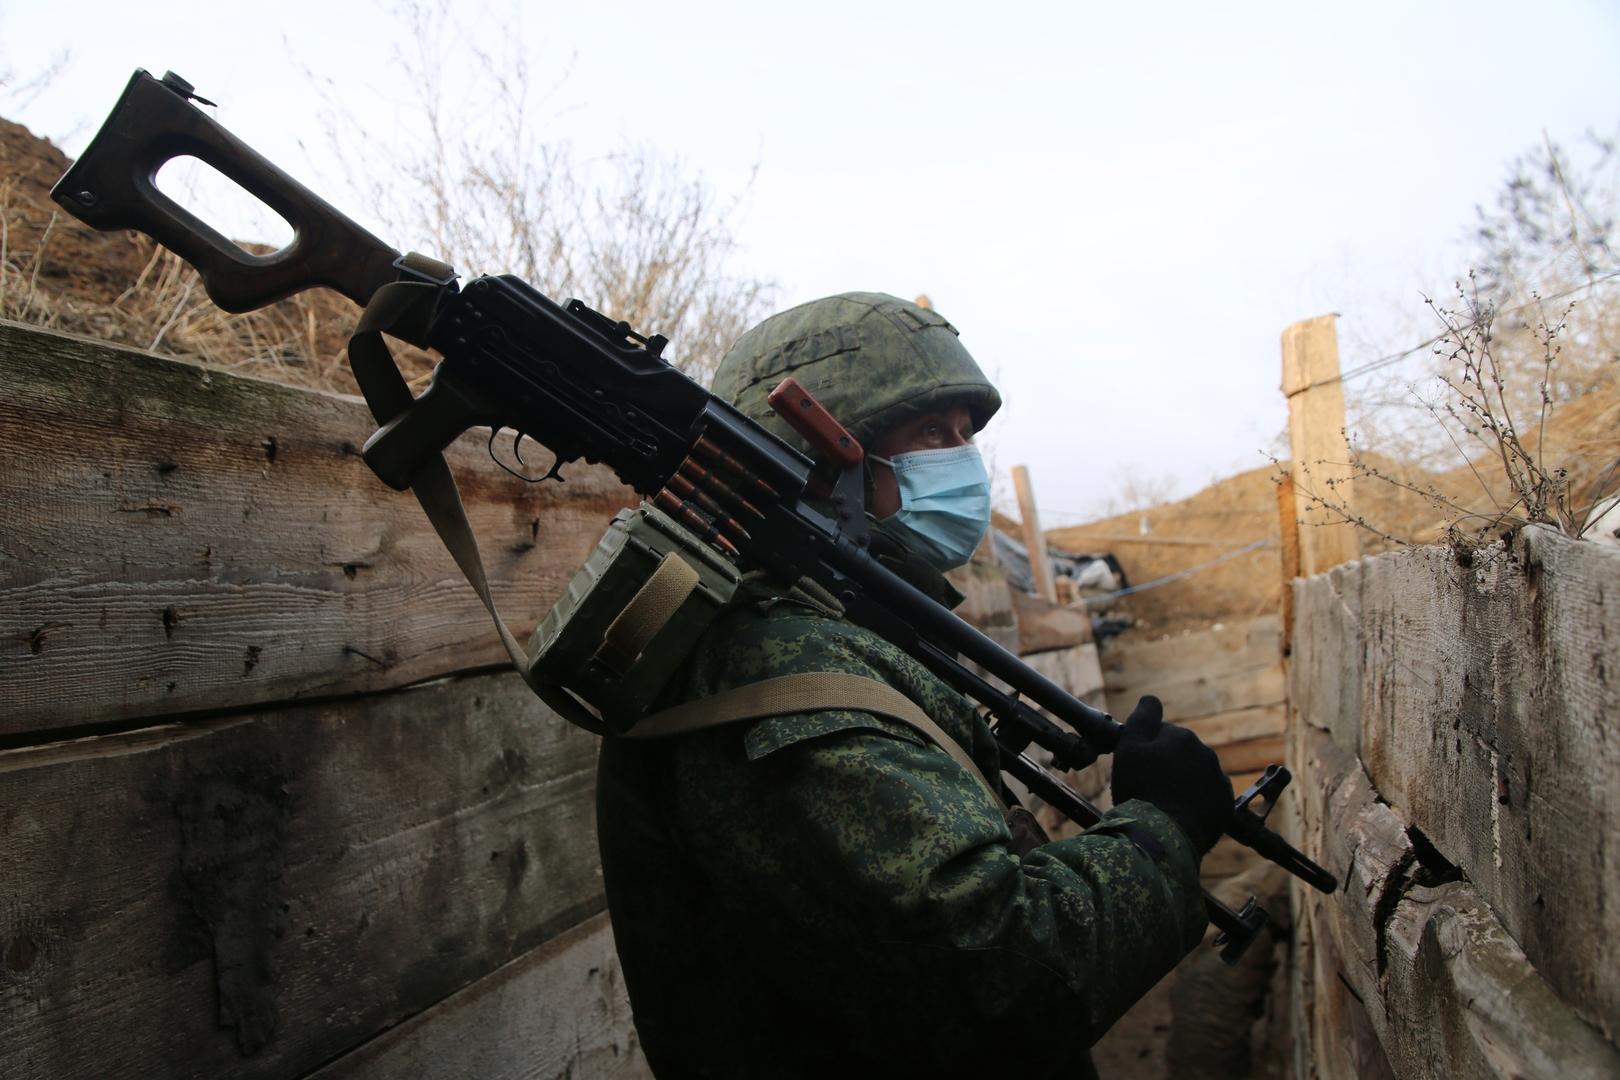 دونيتسك: سياسة كييف قد تؤدي إلى تصعيد النزاع في دونباس